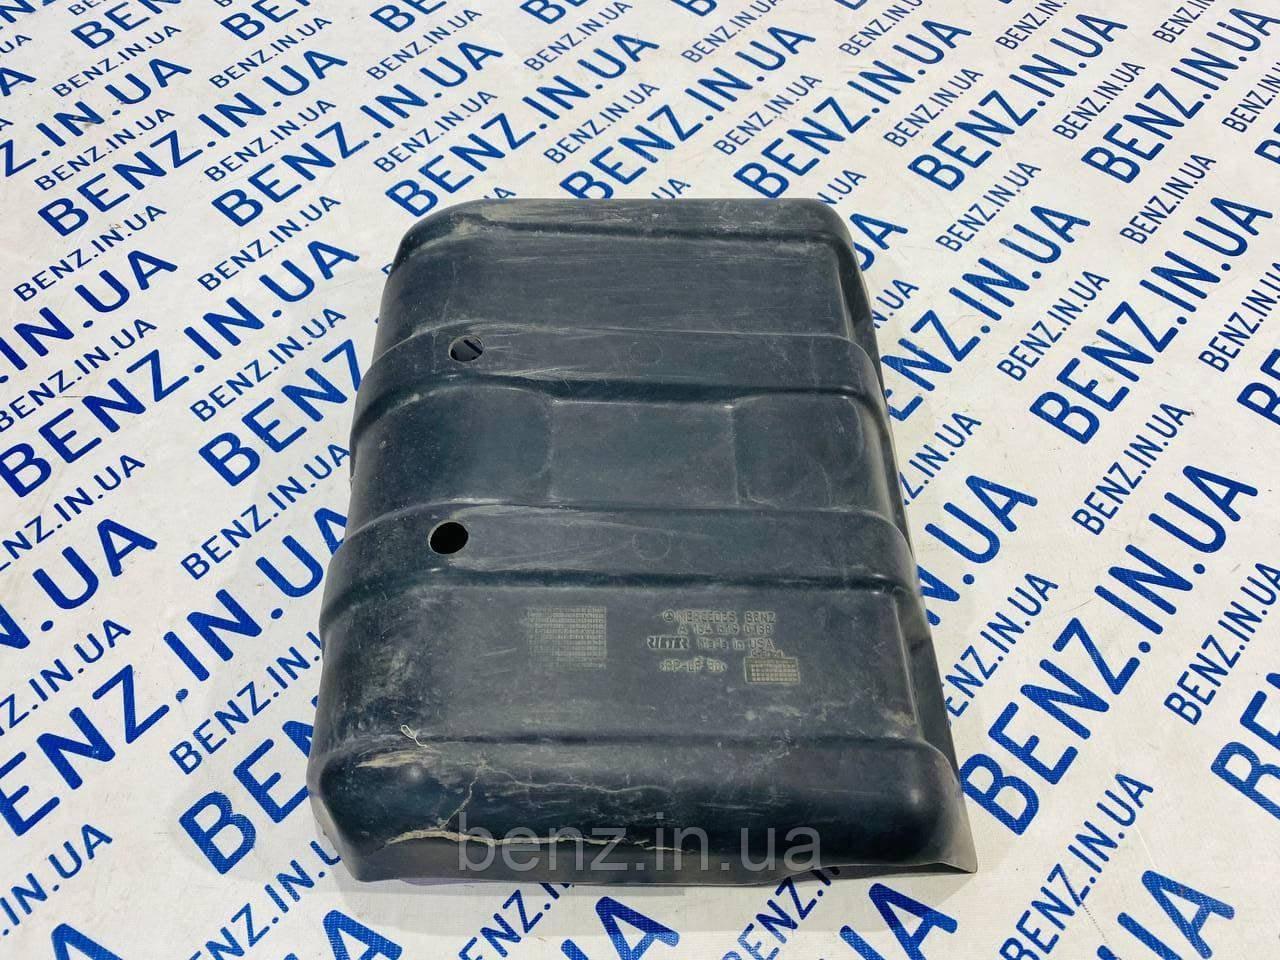 Пластиковий захист ресивера пневмопідвіски Mercedes W164, X164 A1646190138